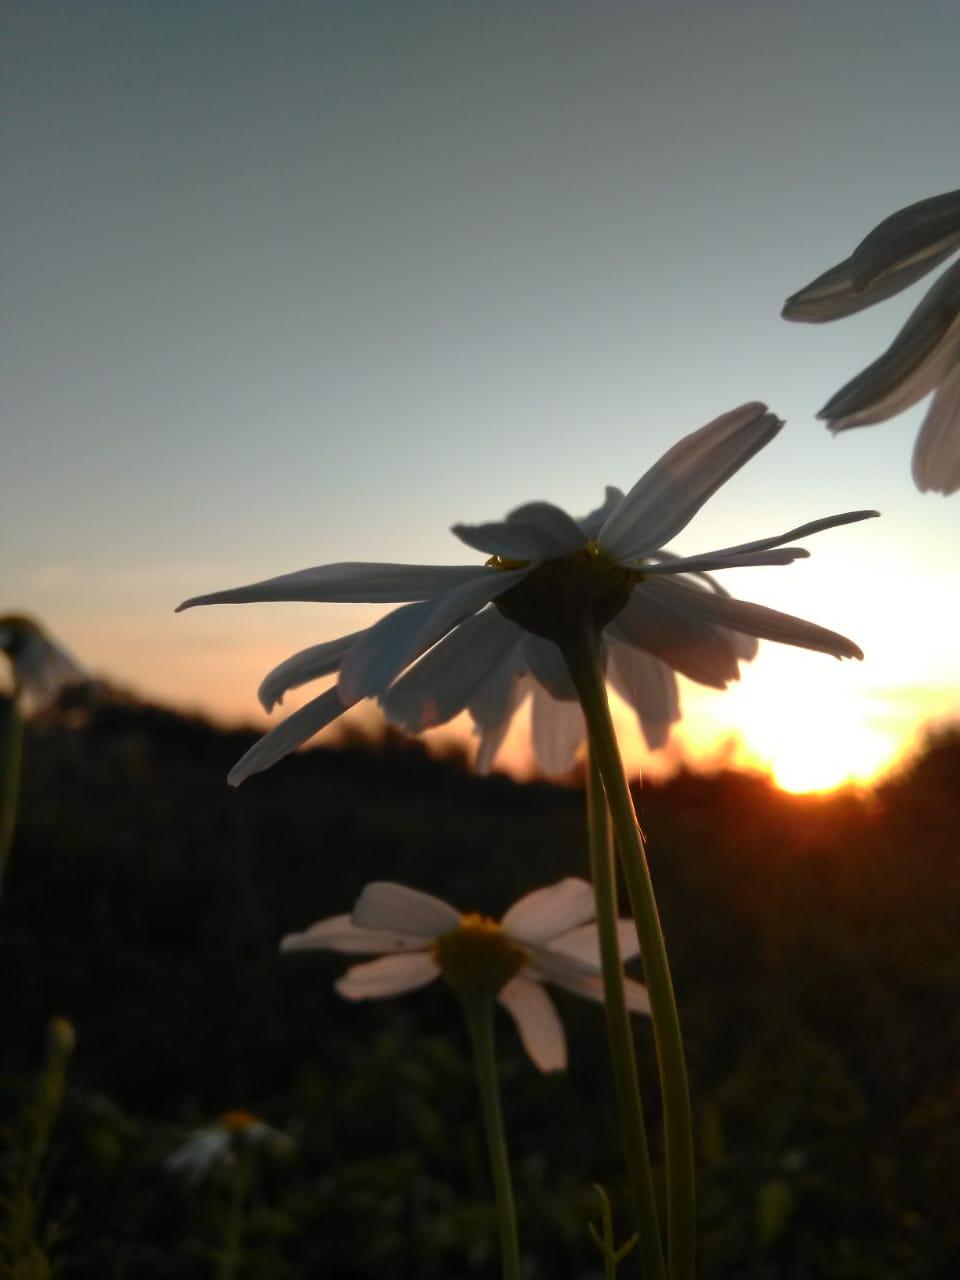 Camomile on sunset background photo